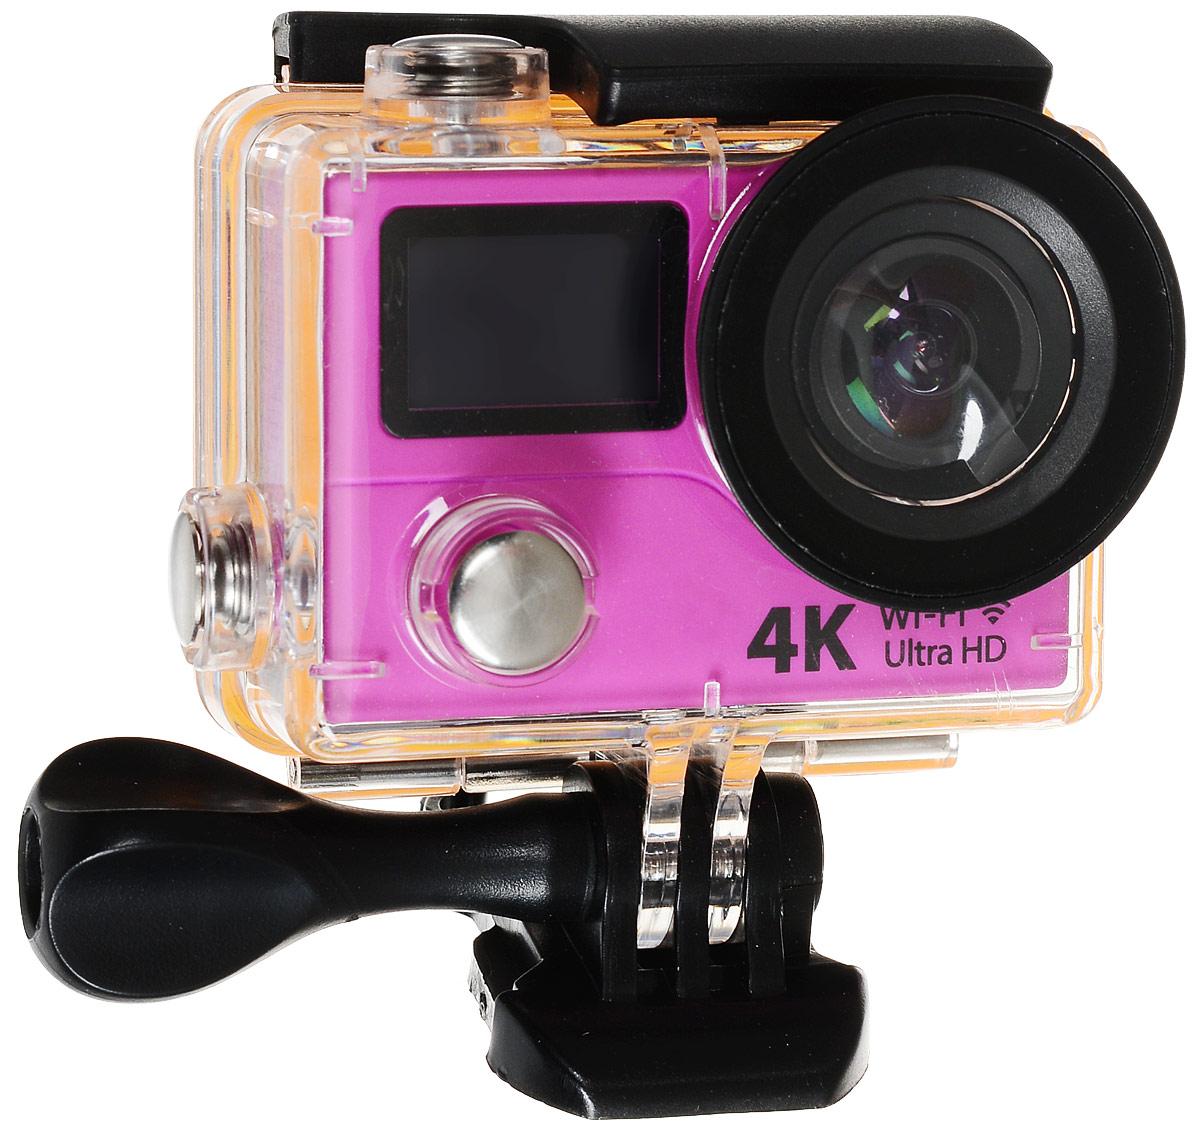 Eken H3R Ultra HD, Pink экшн-камераH3R/H8Rse_pinkЭкшн-камера Eken H3R Ultra HD позволяет записывать видео с разрешением 4К и очень плавным изображением до 25 кадров в секунду. Камера имеет два дисплея: 2 TFT LCD основной экран и 0.95 OLED экран статуса (уровень заряда батареи, подключение к WiFi, режим съемки и длительность записи). Эта модель сделана для любителей спорта на улице, подводного плавания, скейтбординга, скай-дайвинга, скалолазания, бега или охоты. Снимайте с руки, на велосипеде, в машине и где угодно. По сравнению с предыдущими версиями, в Eken H3R Ultra HD вы найдете уменьшенные размеры корпуса, увеличенный до 2-х дюймов экран, невероятную оптику и фантастическое разрешение изображения при съемке 25 кадров в секунду! Управляйте вашей H3R на своем смартфоне или планшете. Приложение Ez iCam App позволяет работать с браузером и наблюдать все то, что видит ваша камера. В комплекте с камерой идет пульт ДУ работающий на частоте 2,4 ГГц. Он позволяет начинать и заканчивать съемку удаленно.